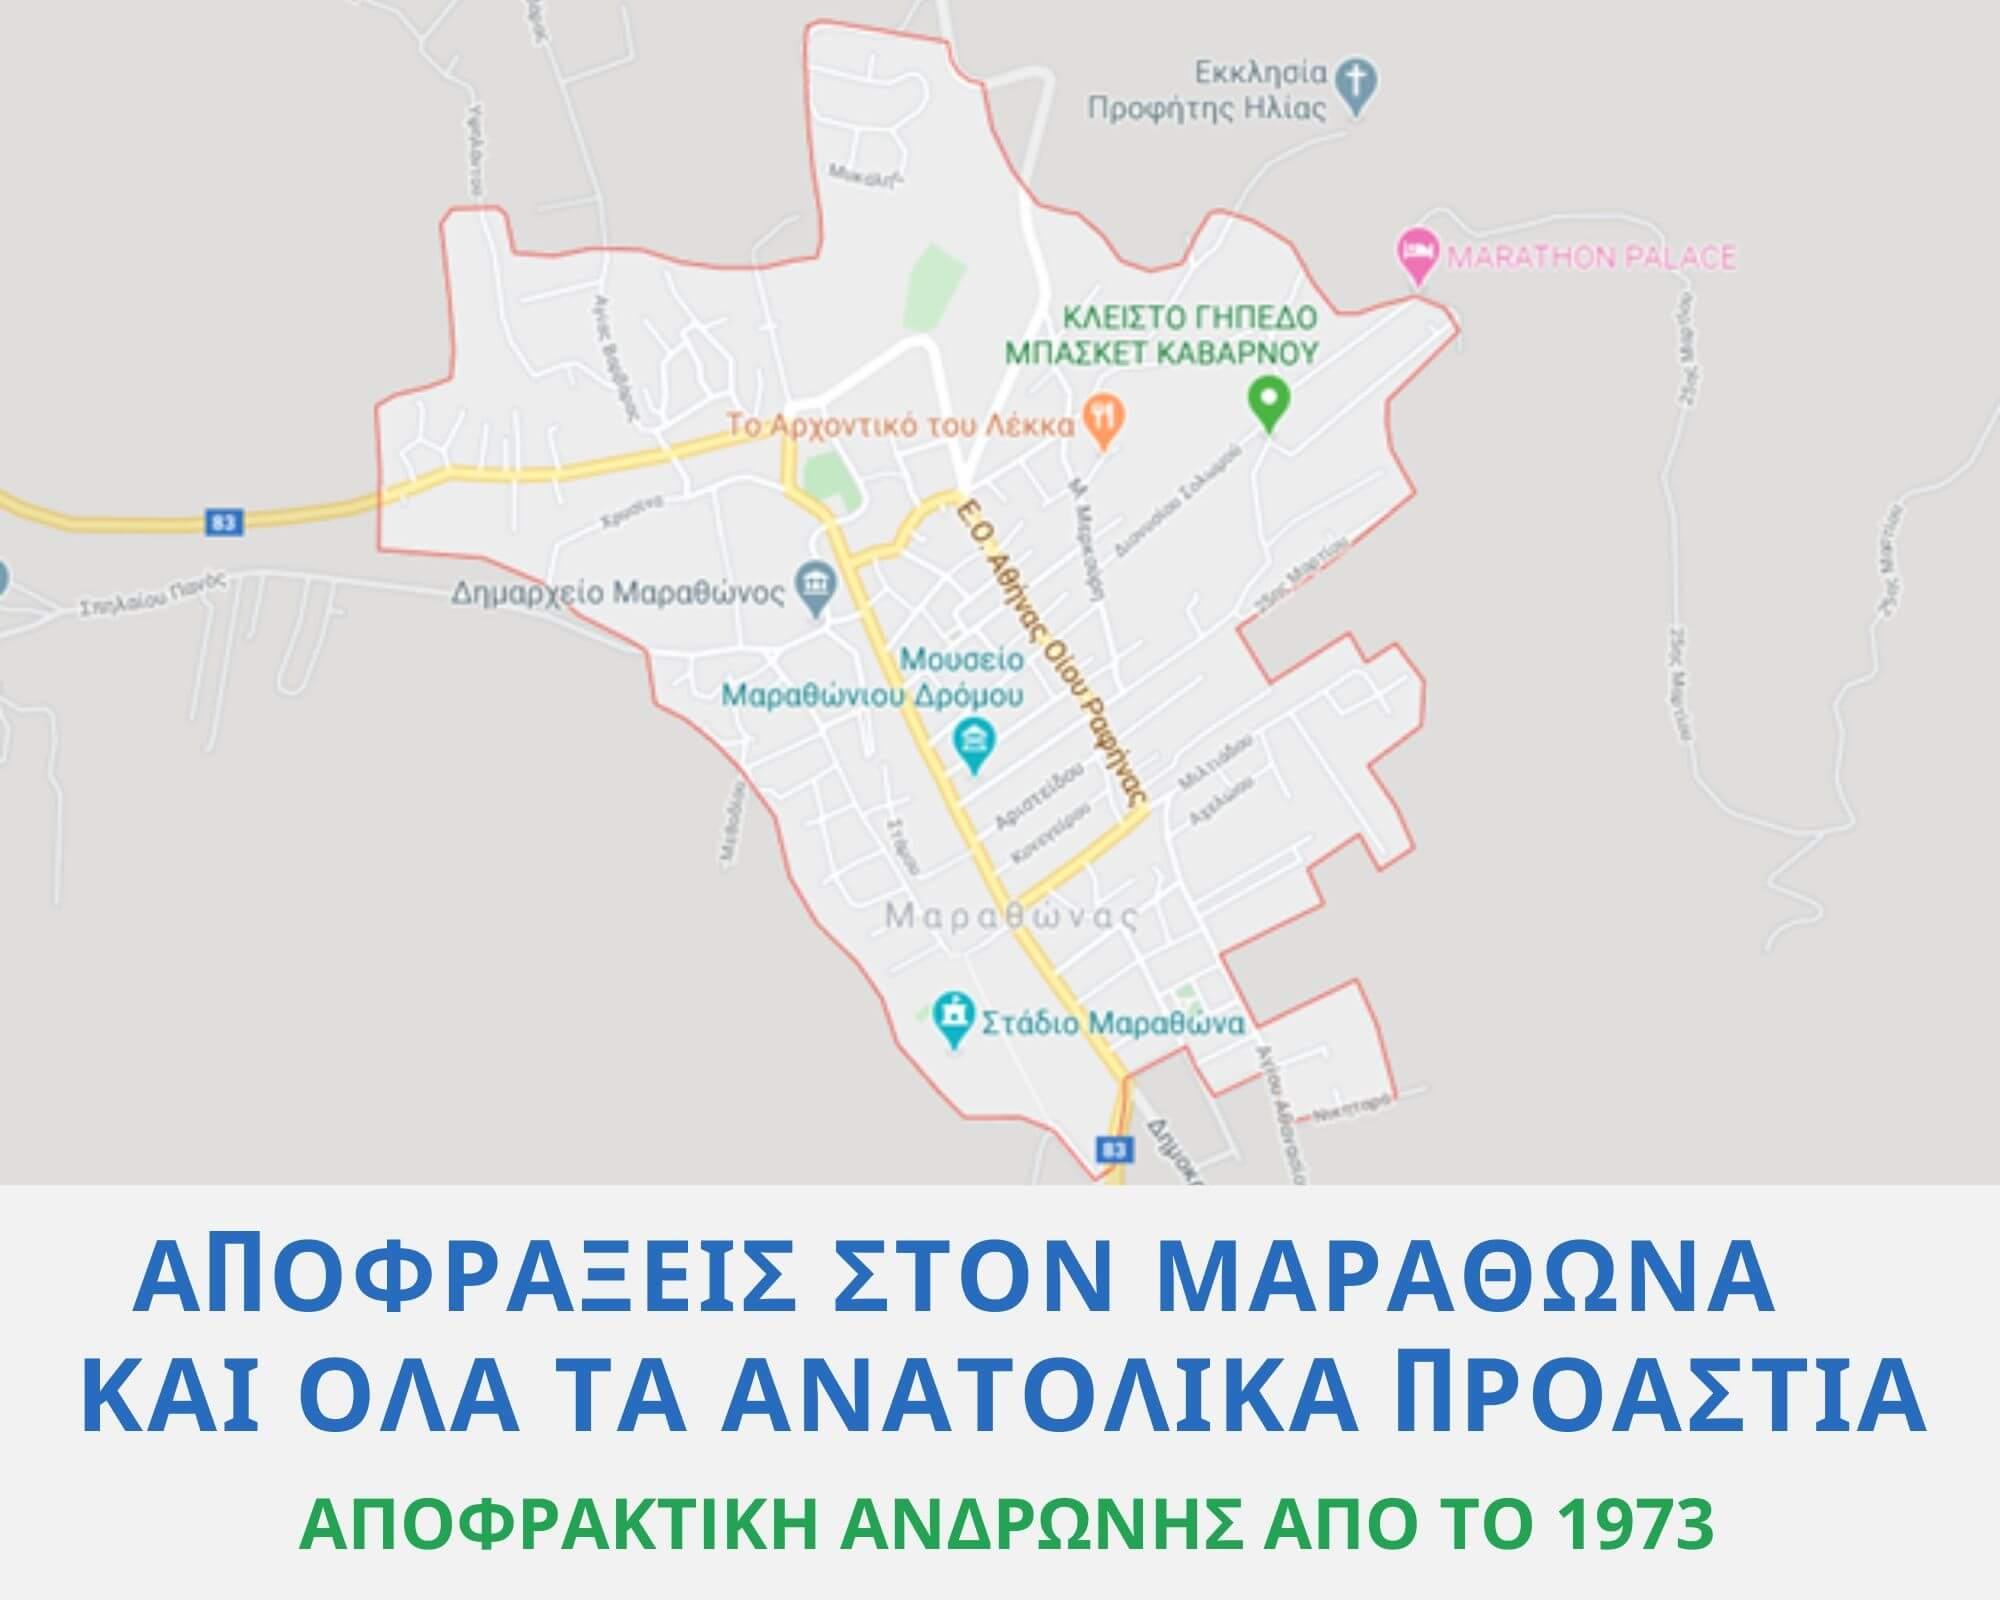 Αποφράξεις Μαραθώνας - 213.02.50.818 - Αποφράξεις Αθήνα